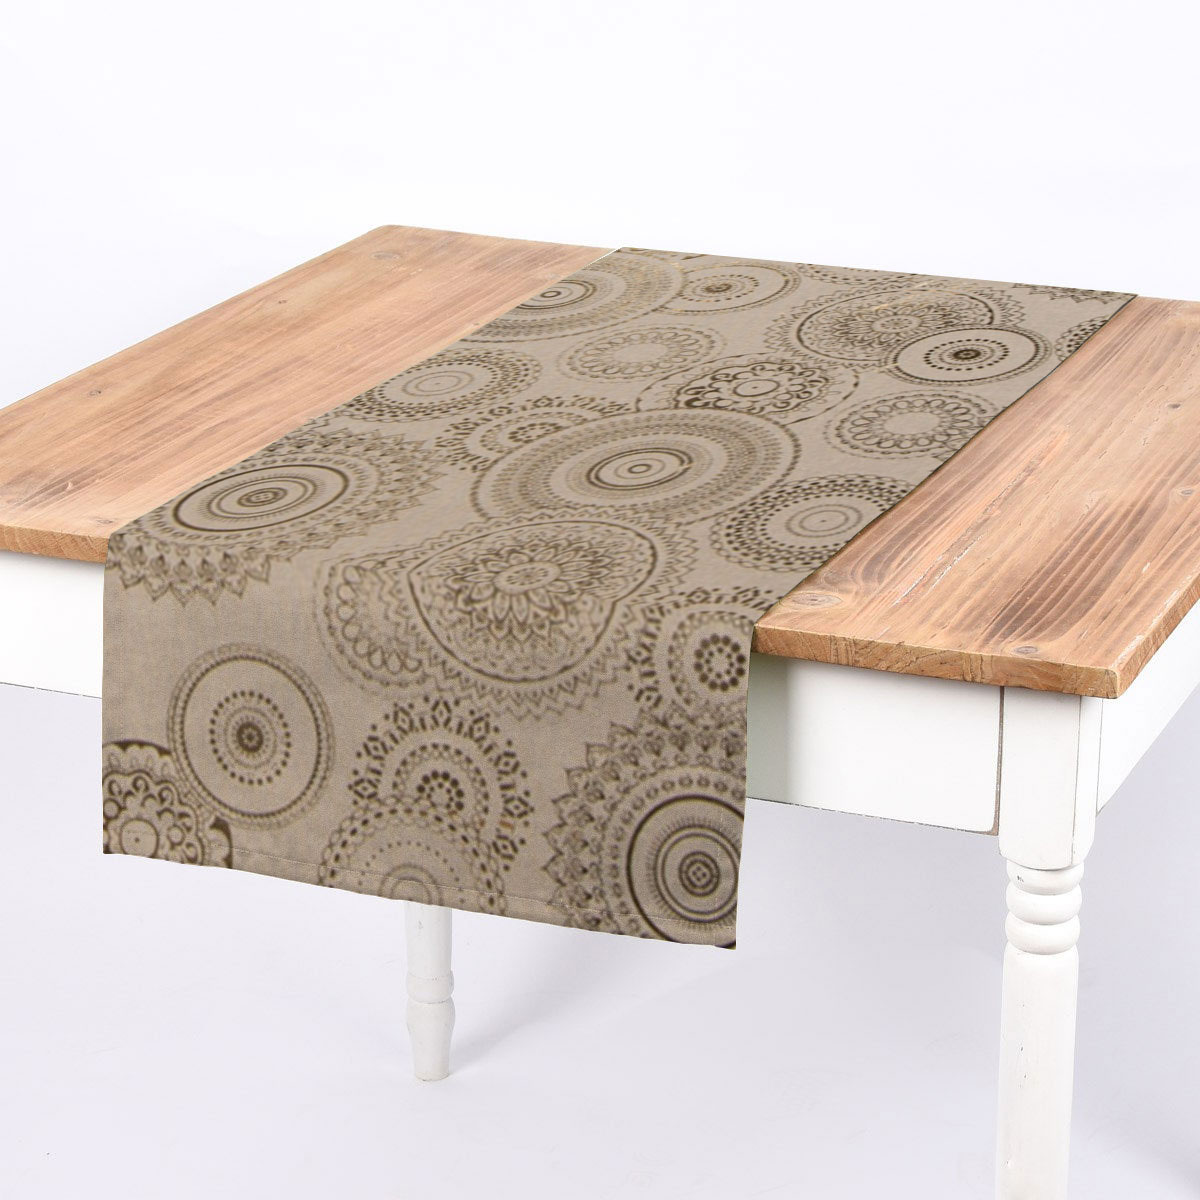 SCHÖNER LEBEN. Tischläufer Mandalas natur gold metallic 40x160cm